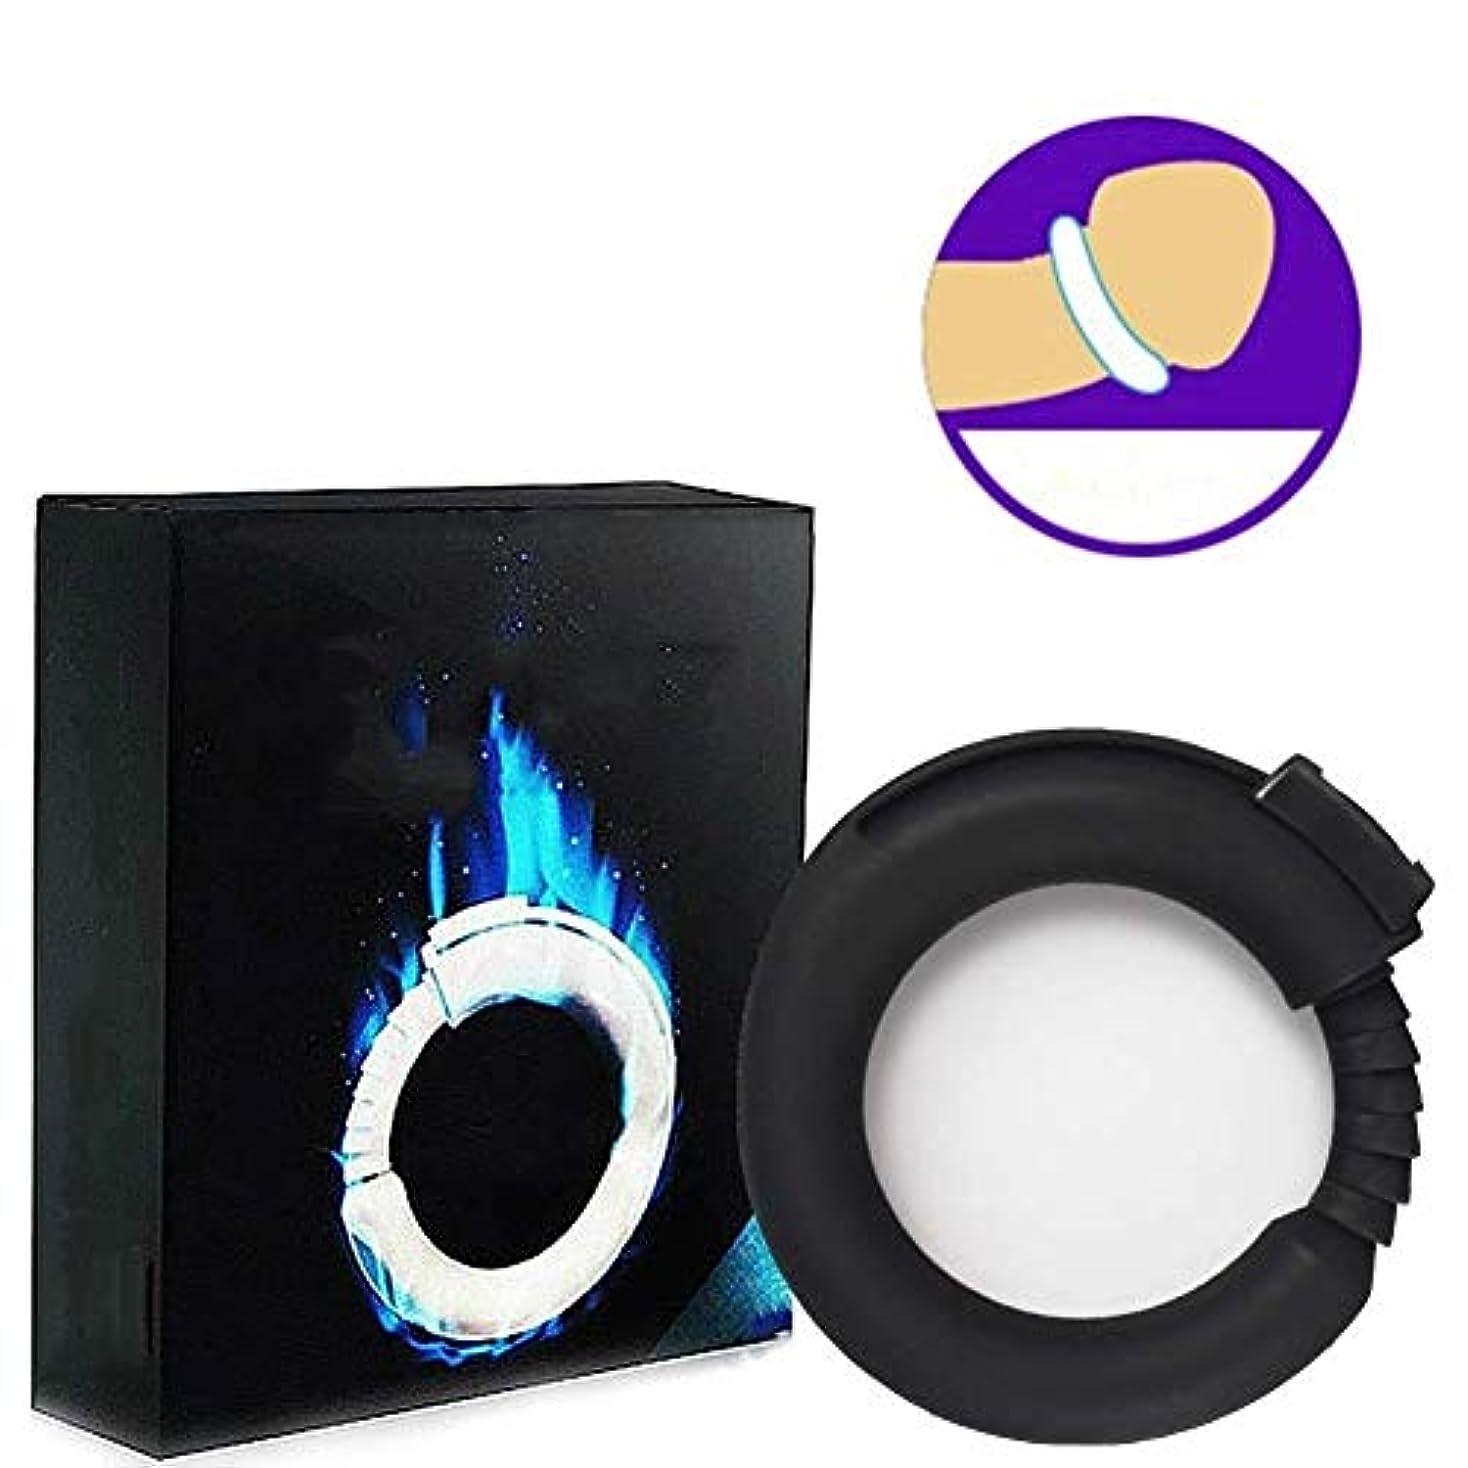 アプライアンスしっとり素敵な振動リング、シリコーン男性強化エクササイズバンドOリング柔軟なリング - 100%医療用グレードシリコーン - リアル感 (Color : Black)